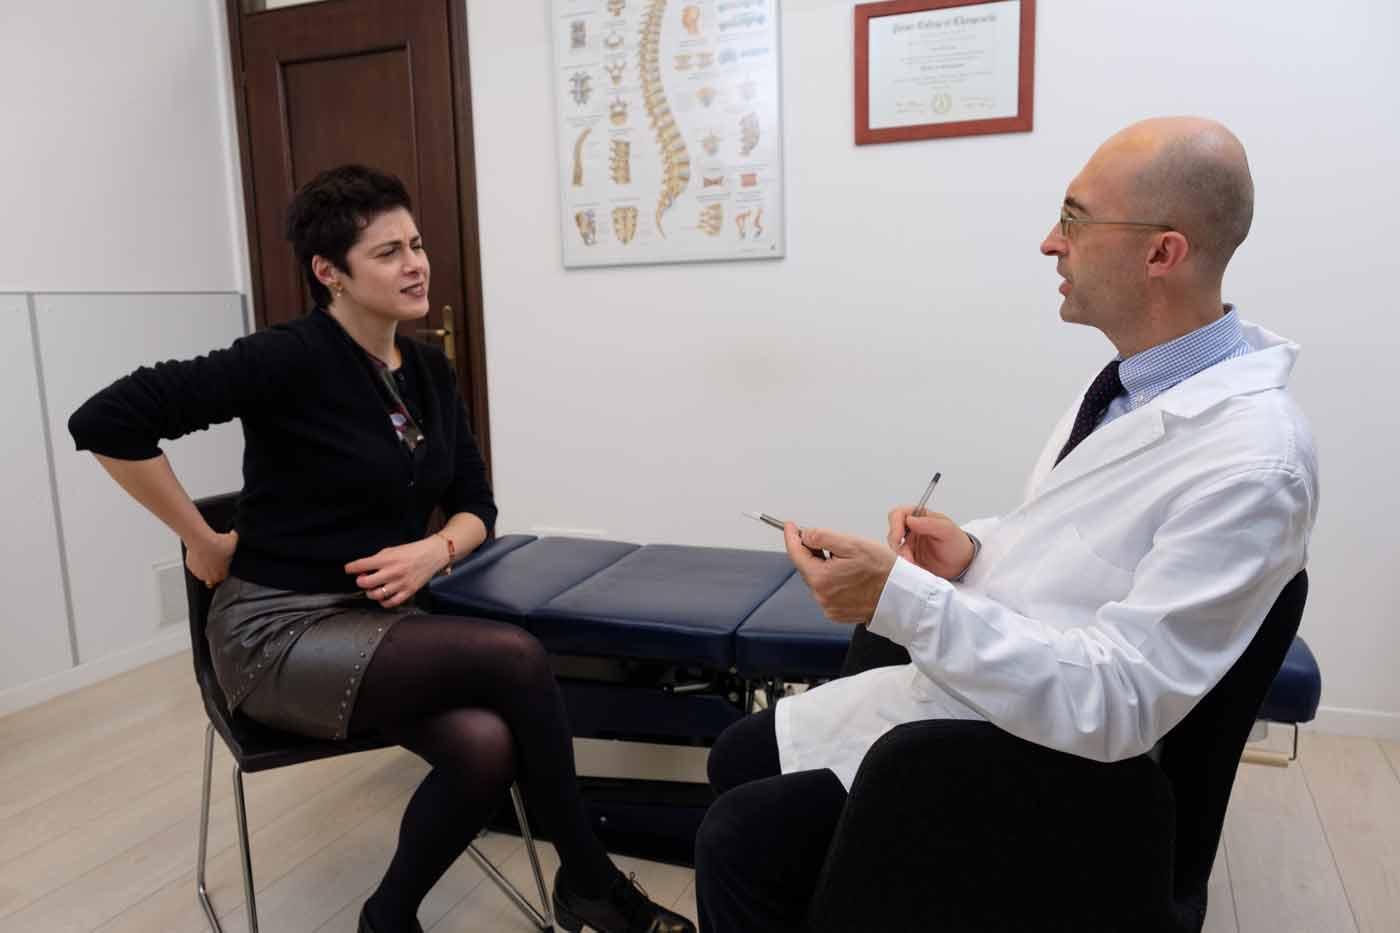 ernia efficacia del chiropratico